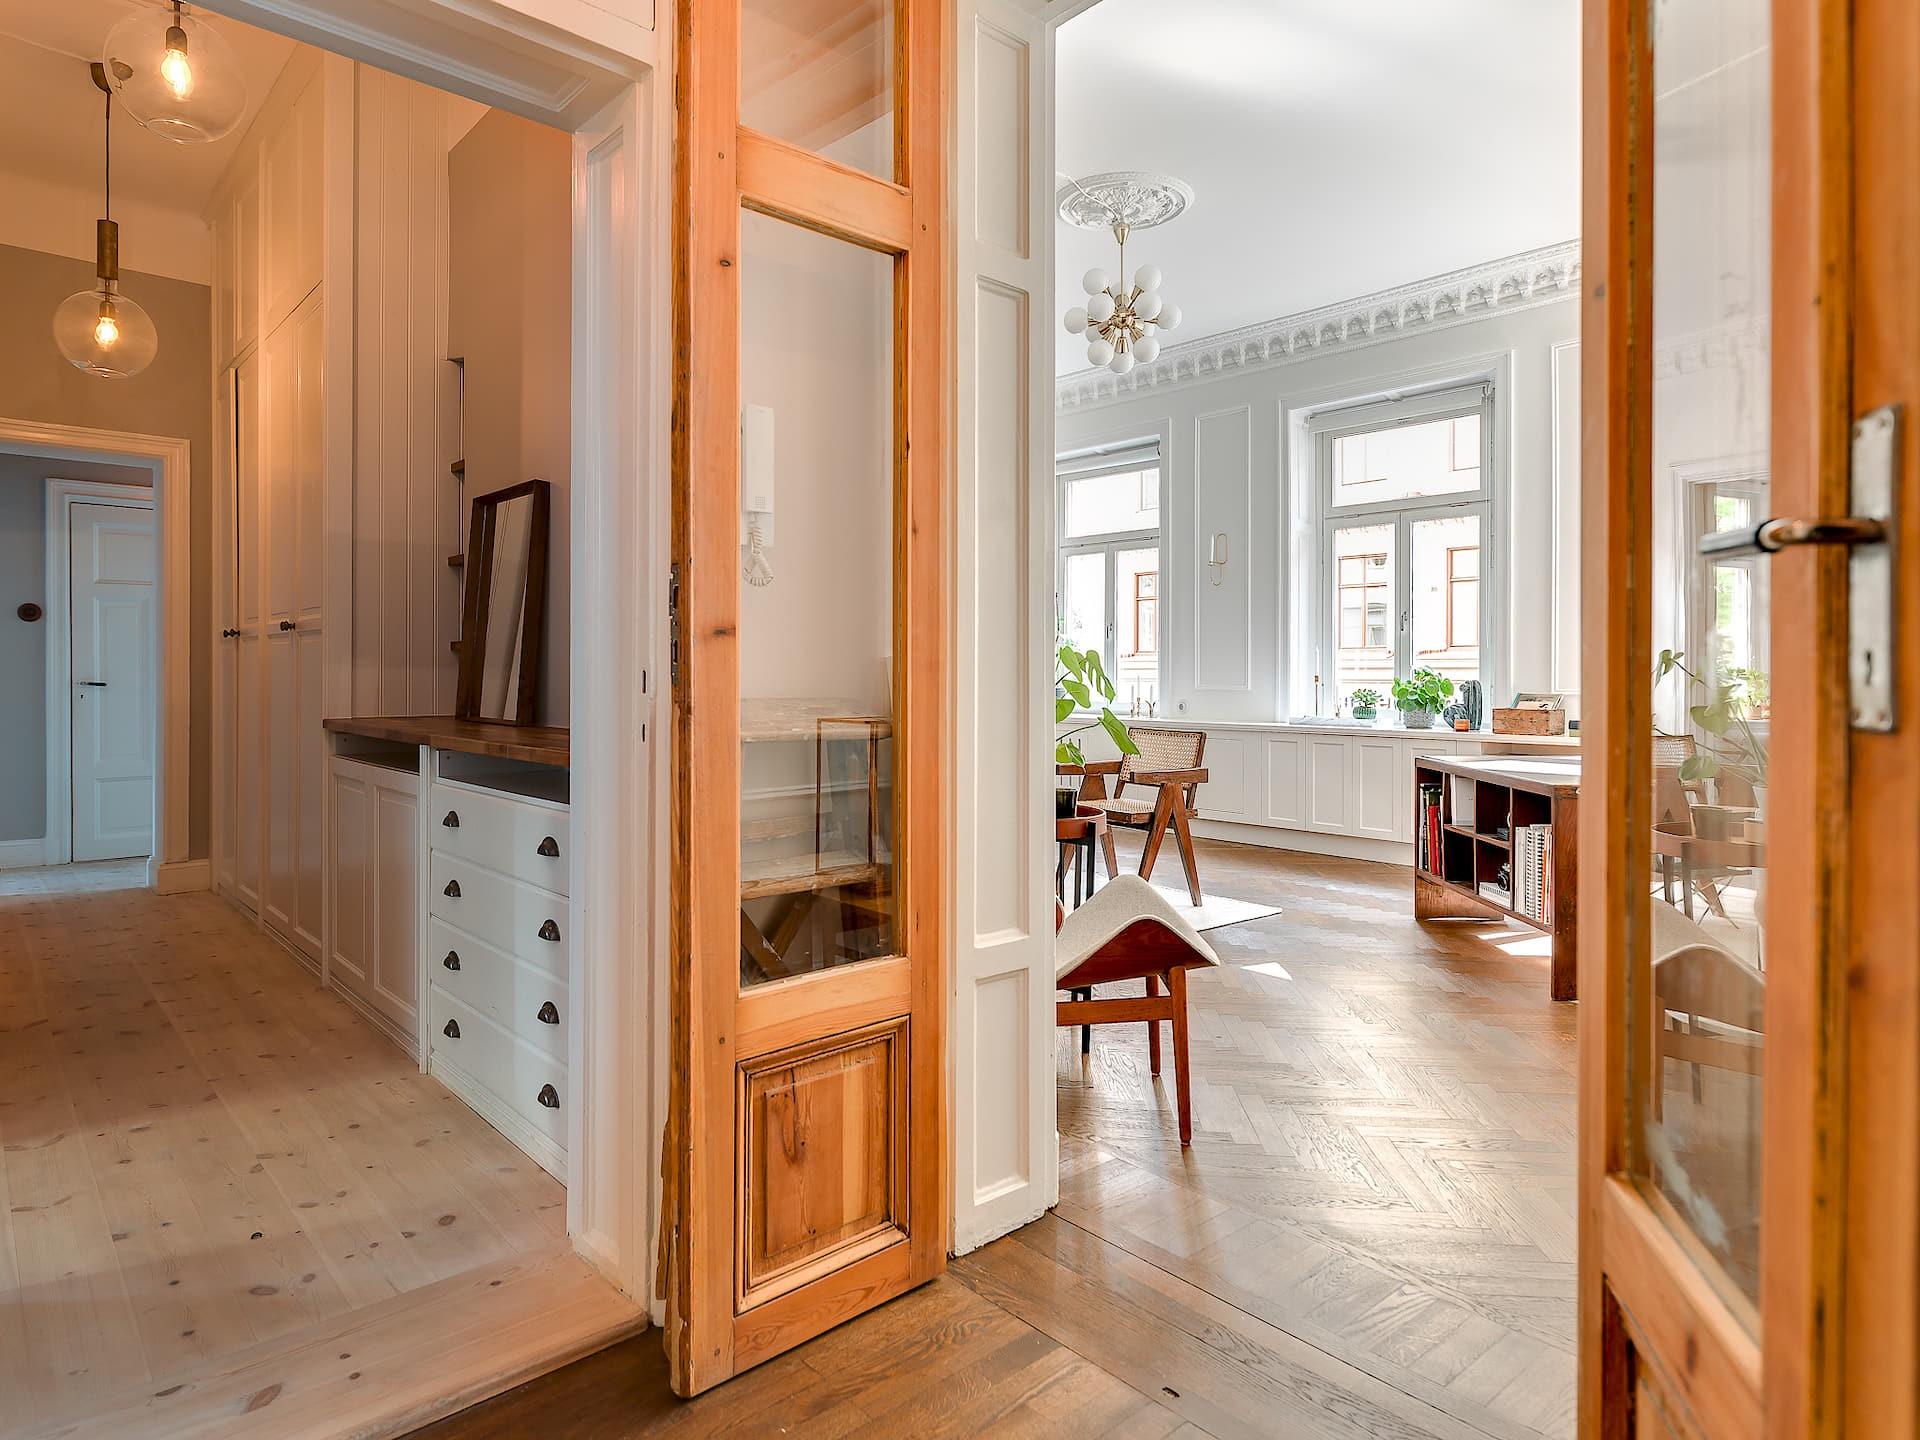 деревянные распашные двери прихожая коридор встроенный шкаф комод